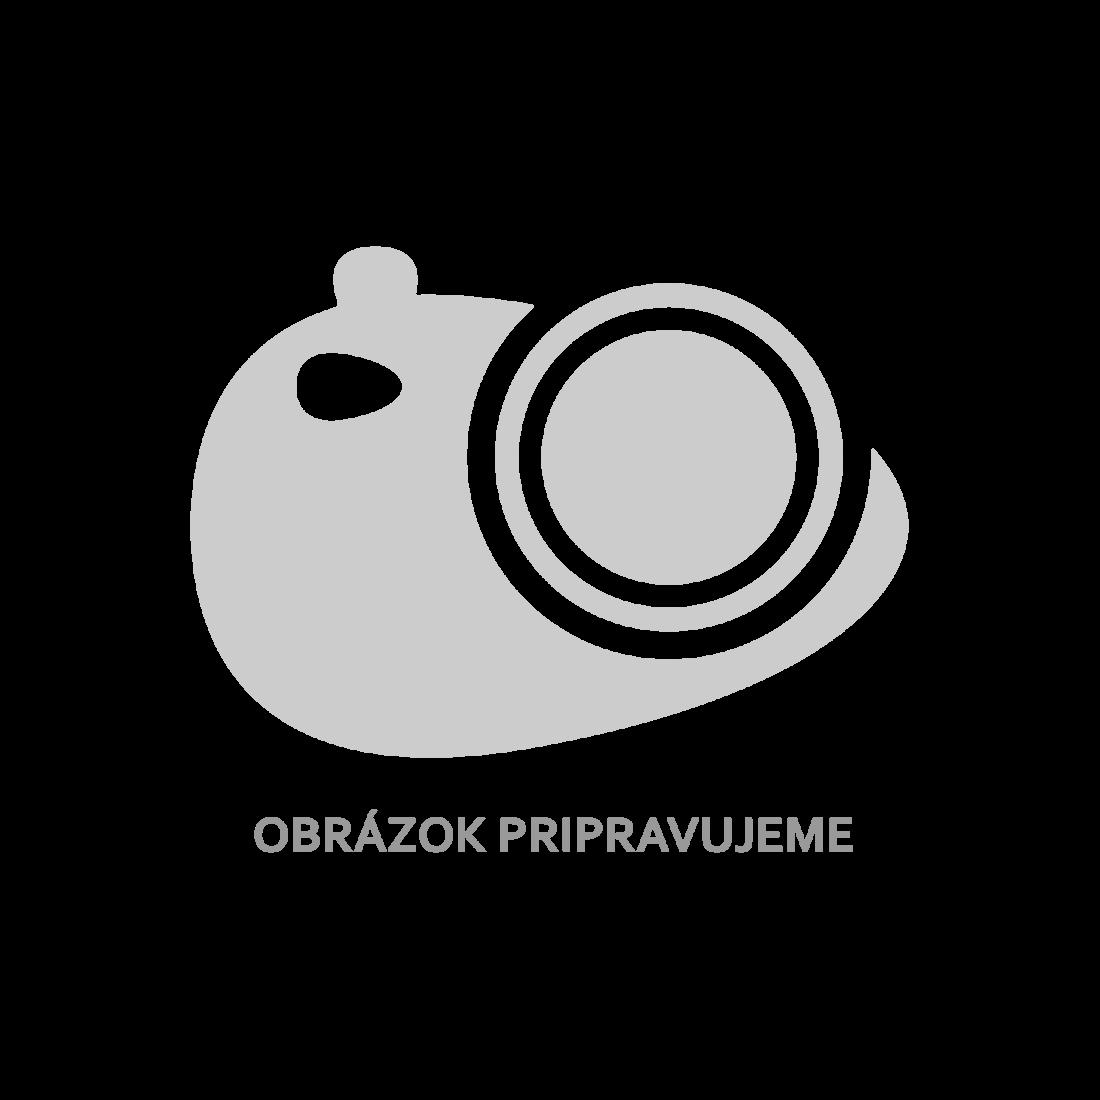 vidaXL Jídelní stůl šedý 120 x 60 x 75 cm MDF [281570]